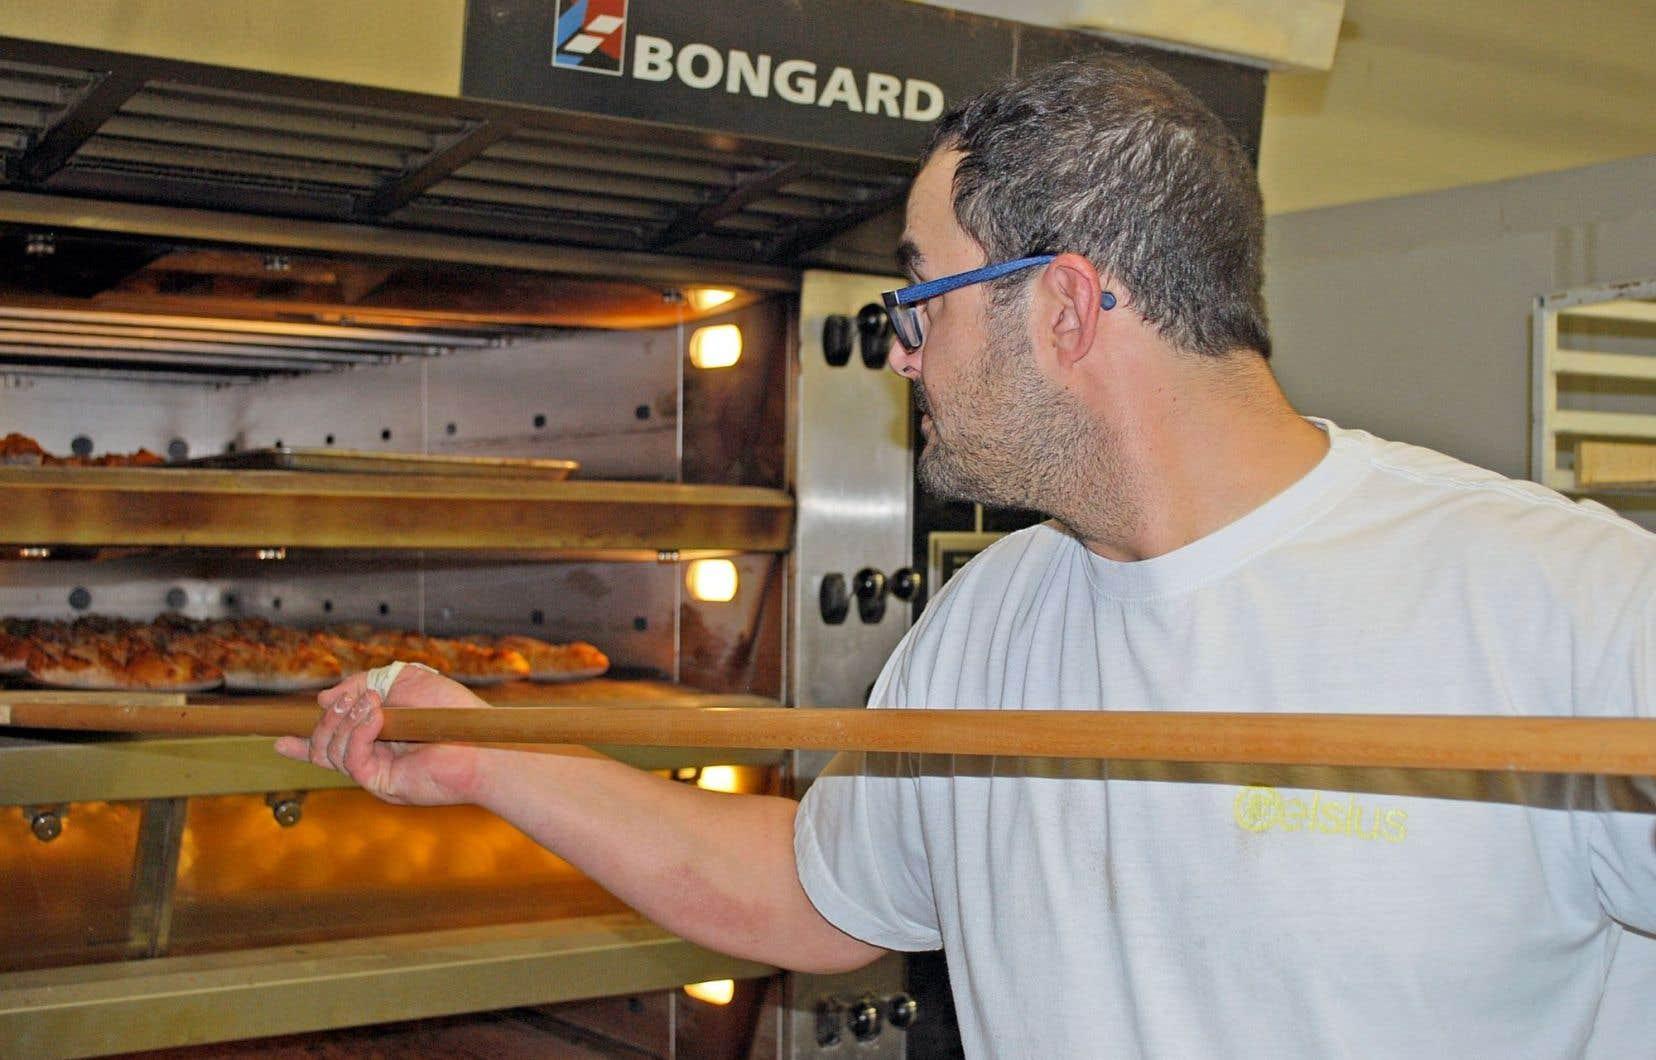 Le boulanger Benoît Thibault est de ceux qui s'inspirent du passé et ne commettent pas les erreurs qu'entraîne l'industrialisation du pain.